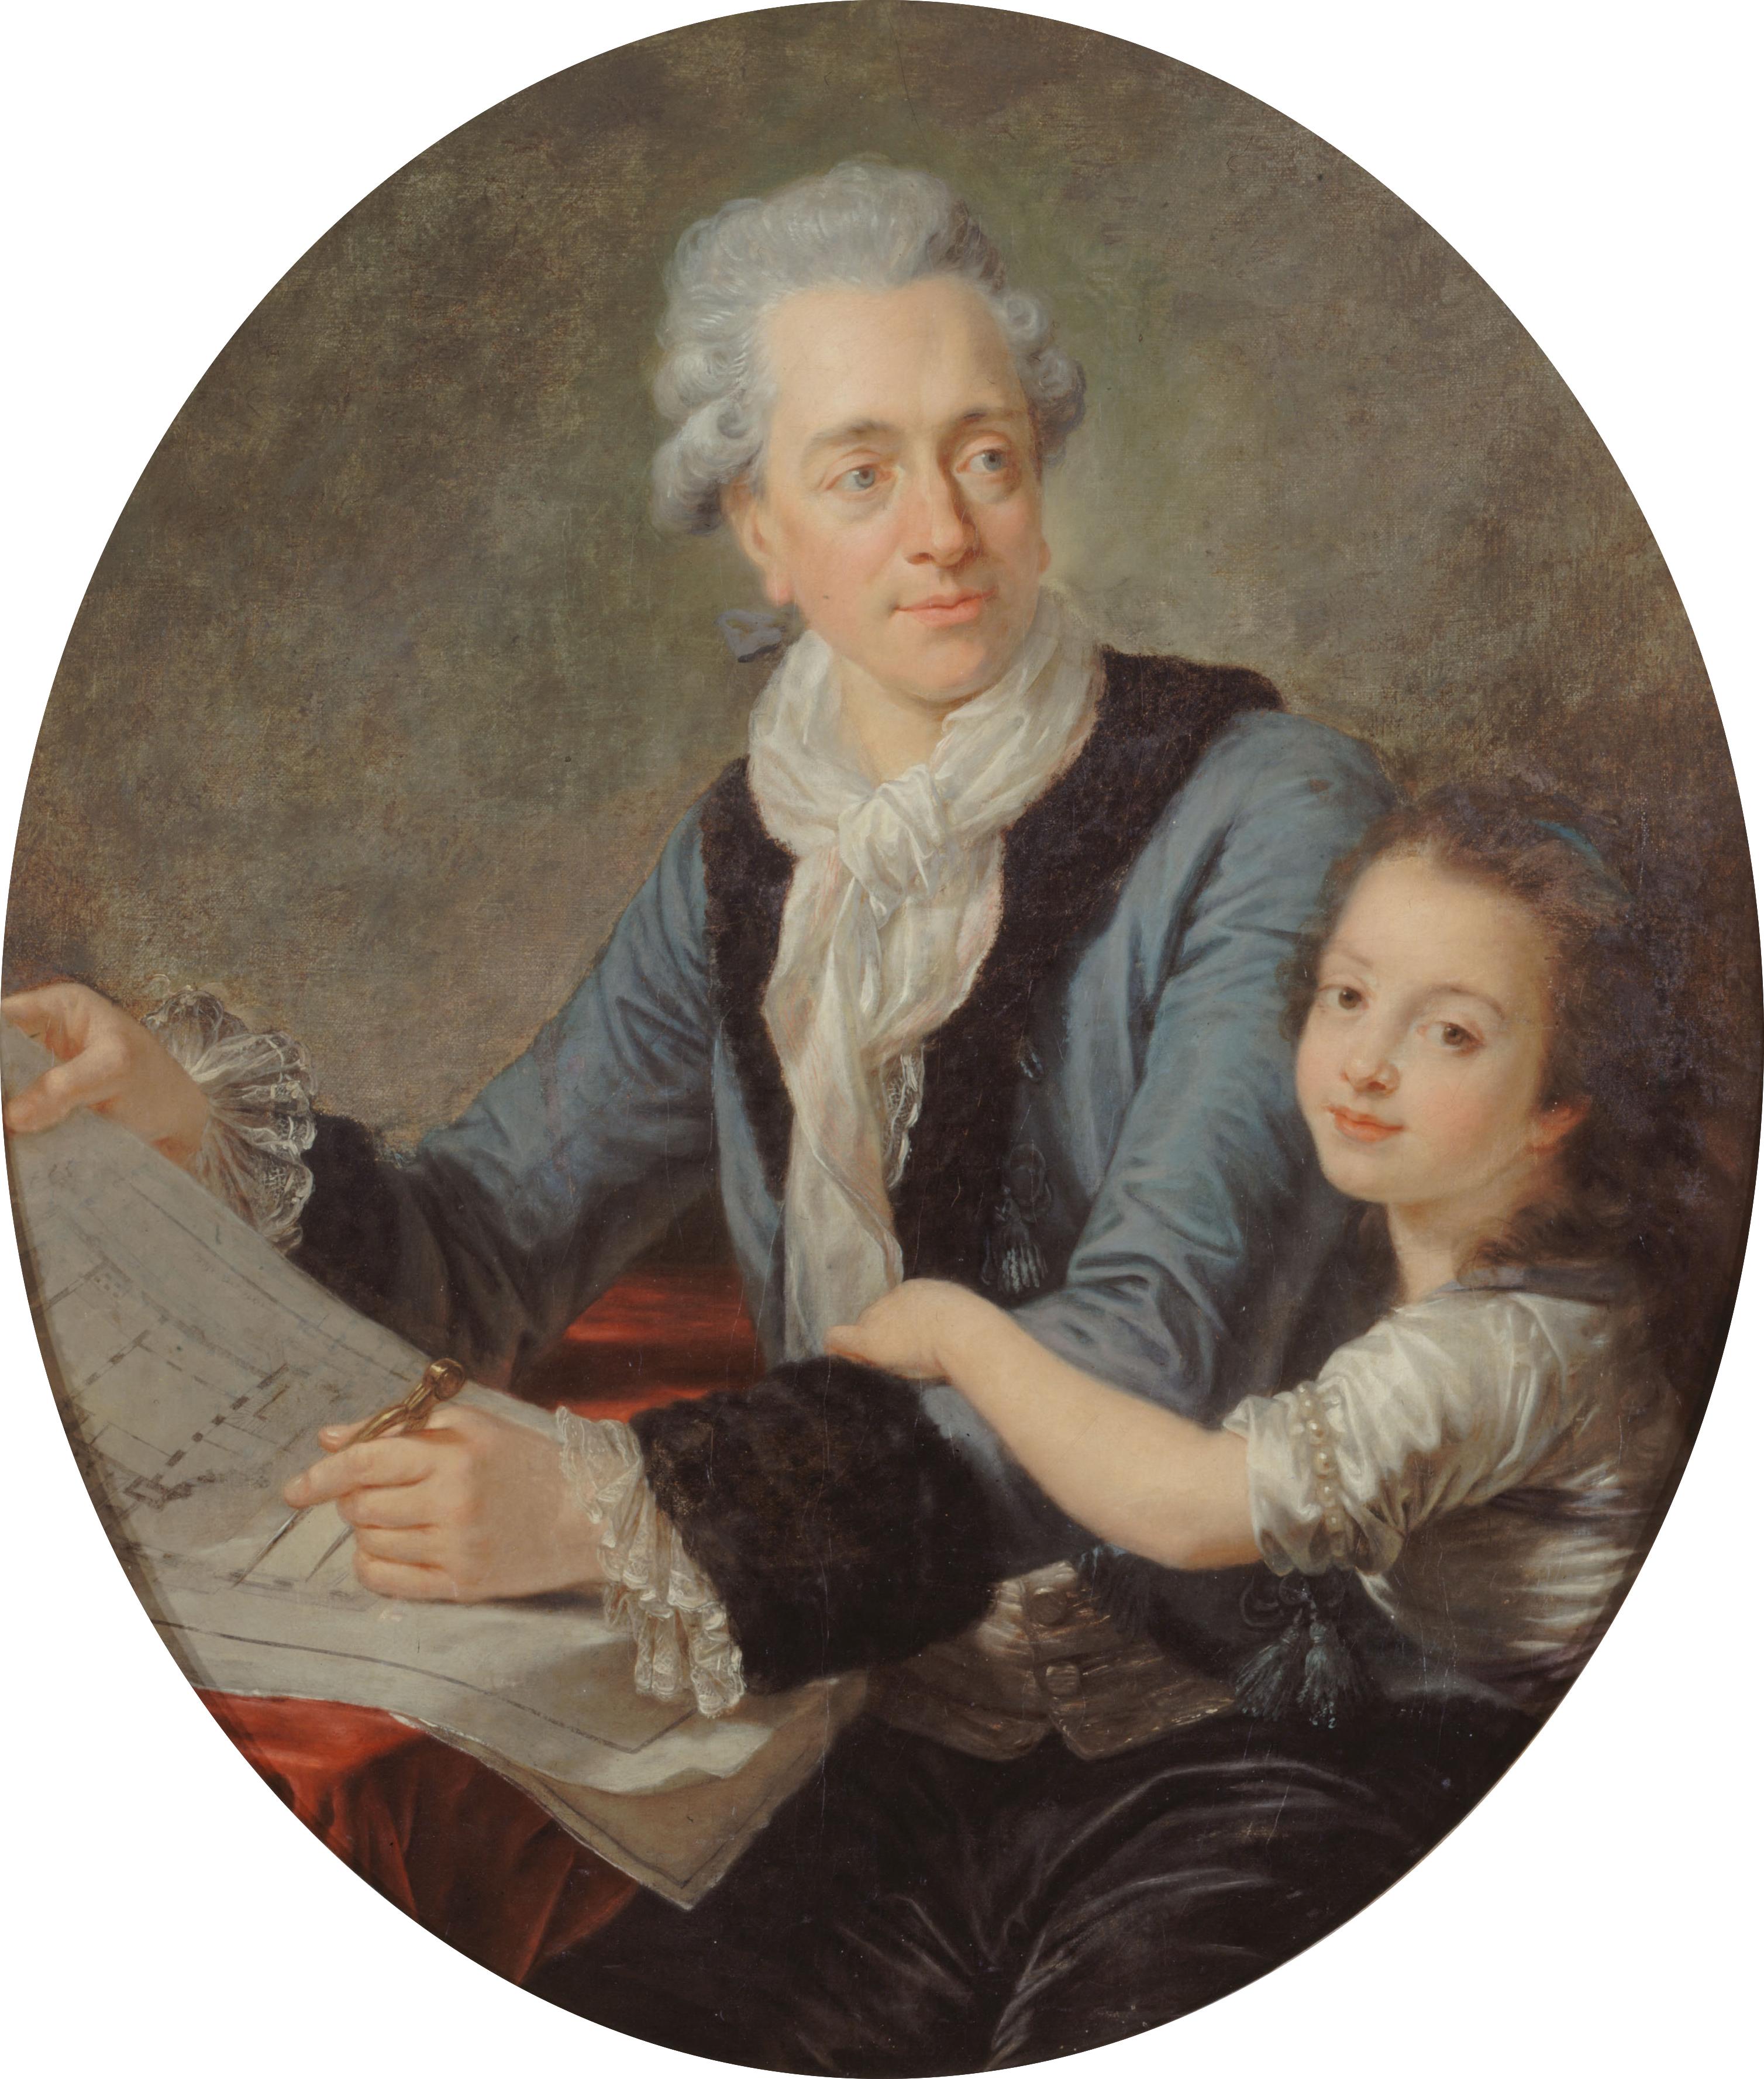 Archivo:Ledoux portrait.jpg